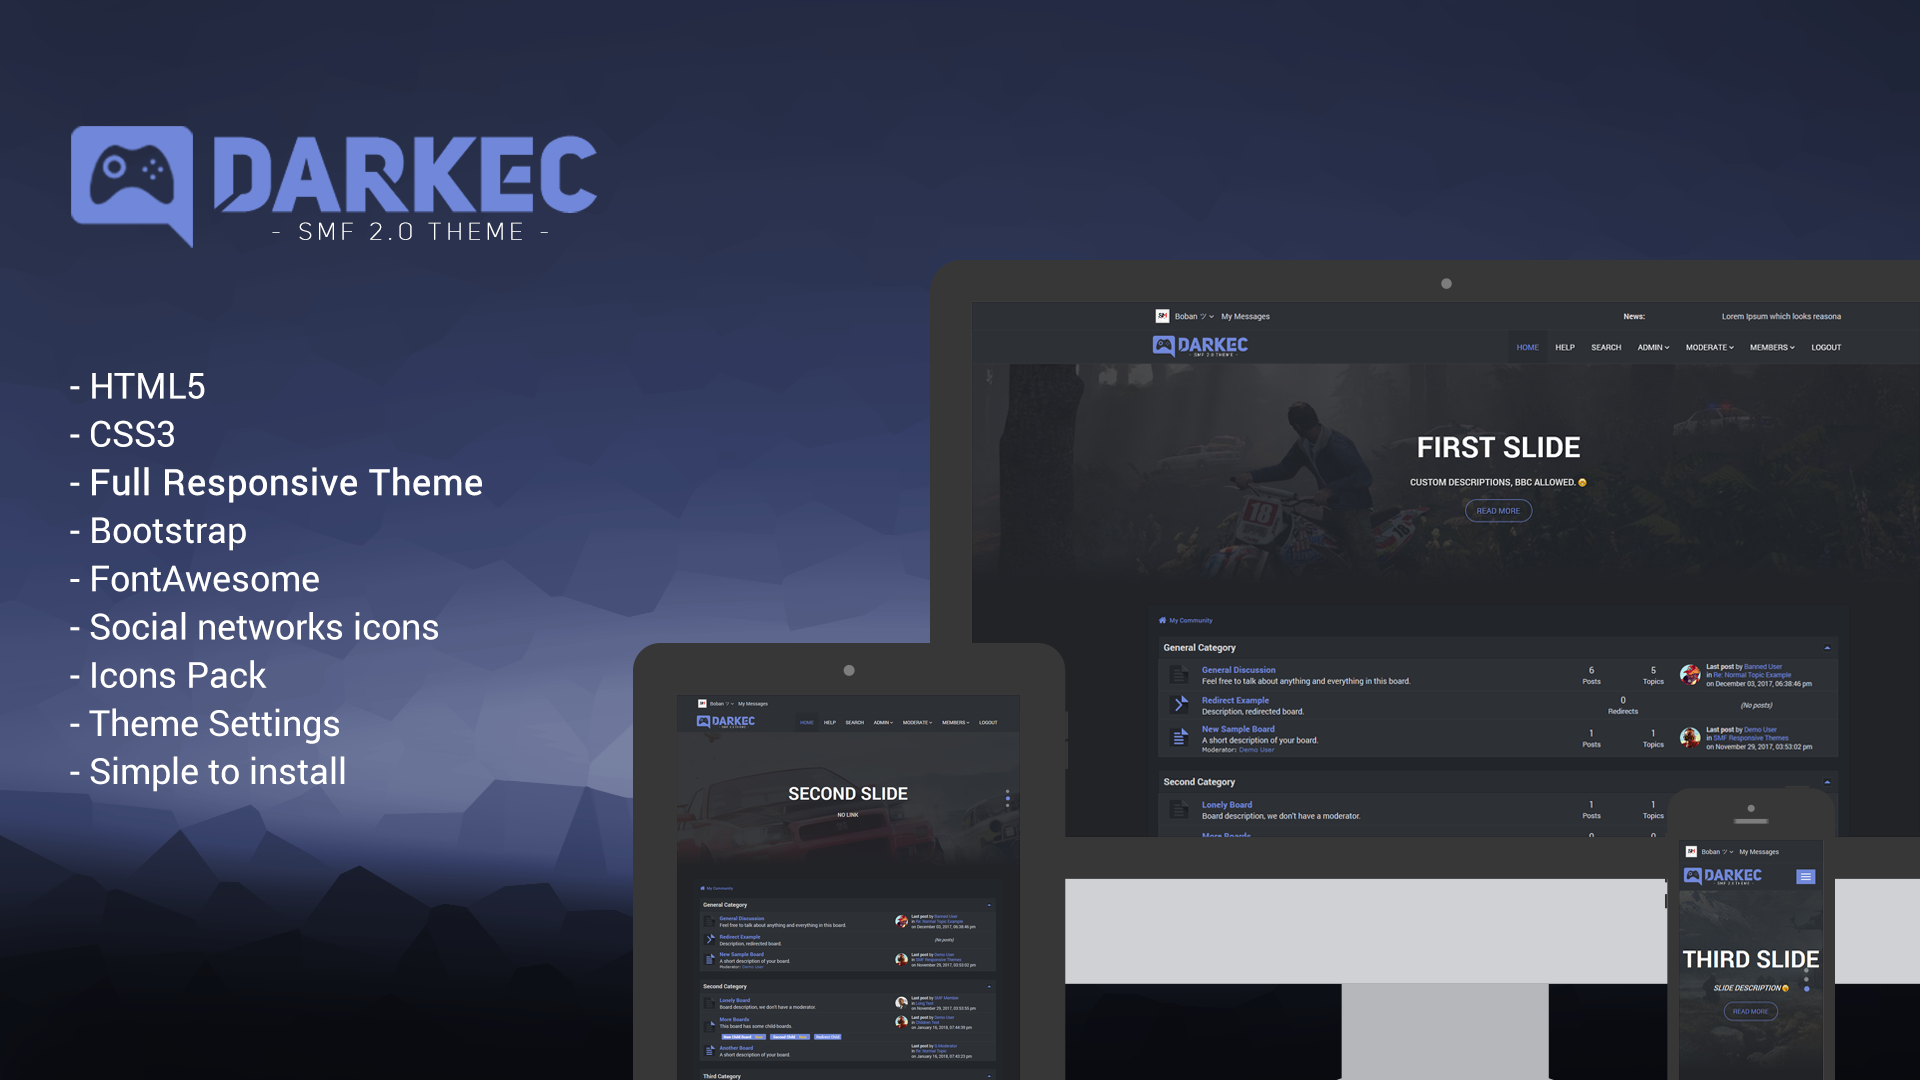 Darkec Responsive Theme